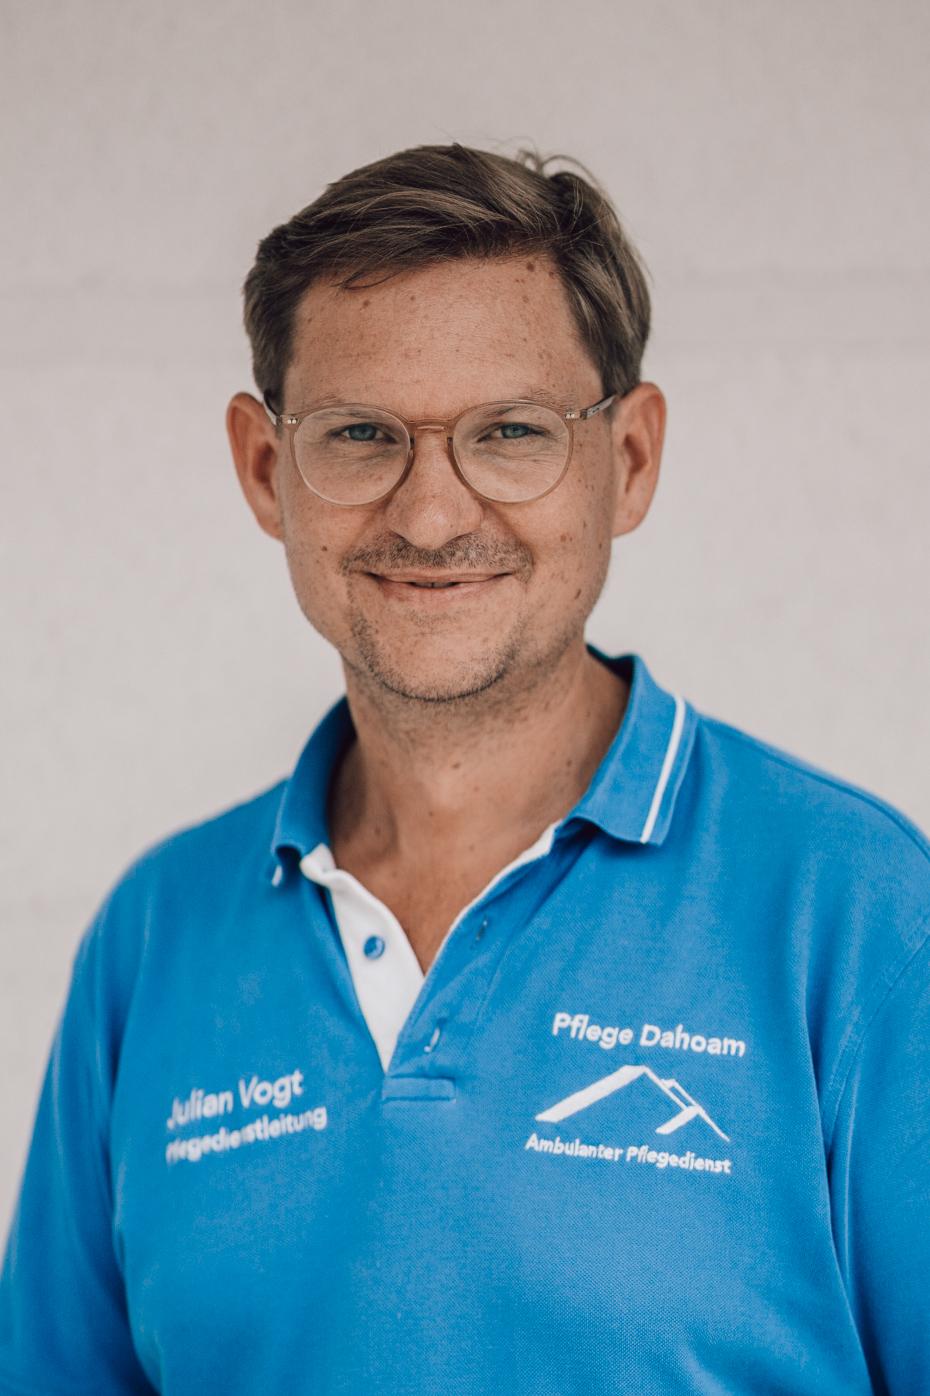 <b>Julian Vogt</b>